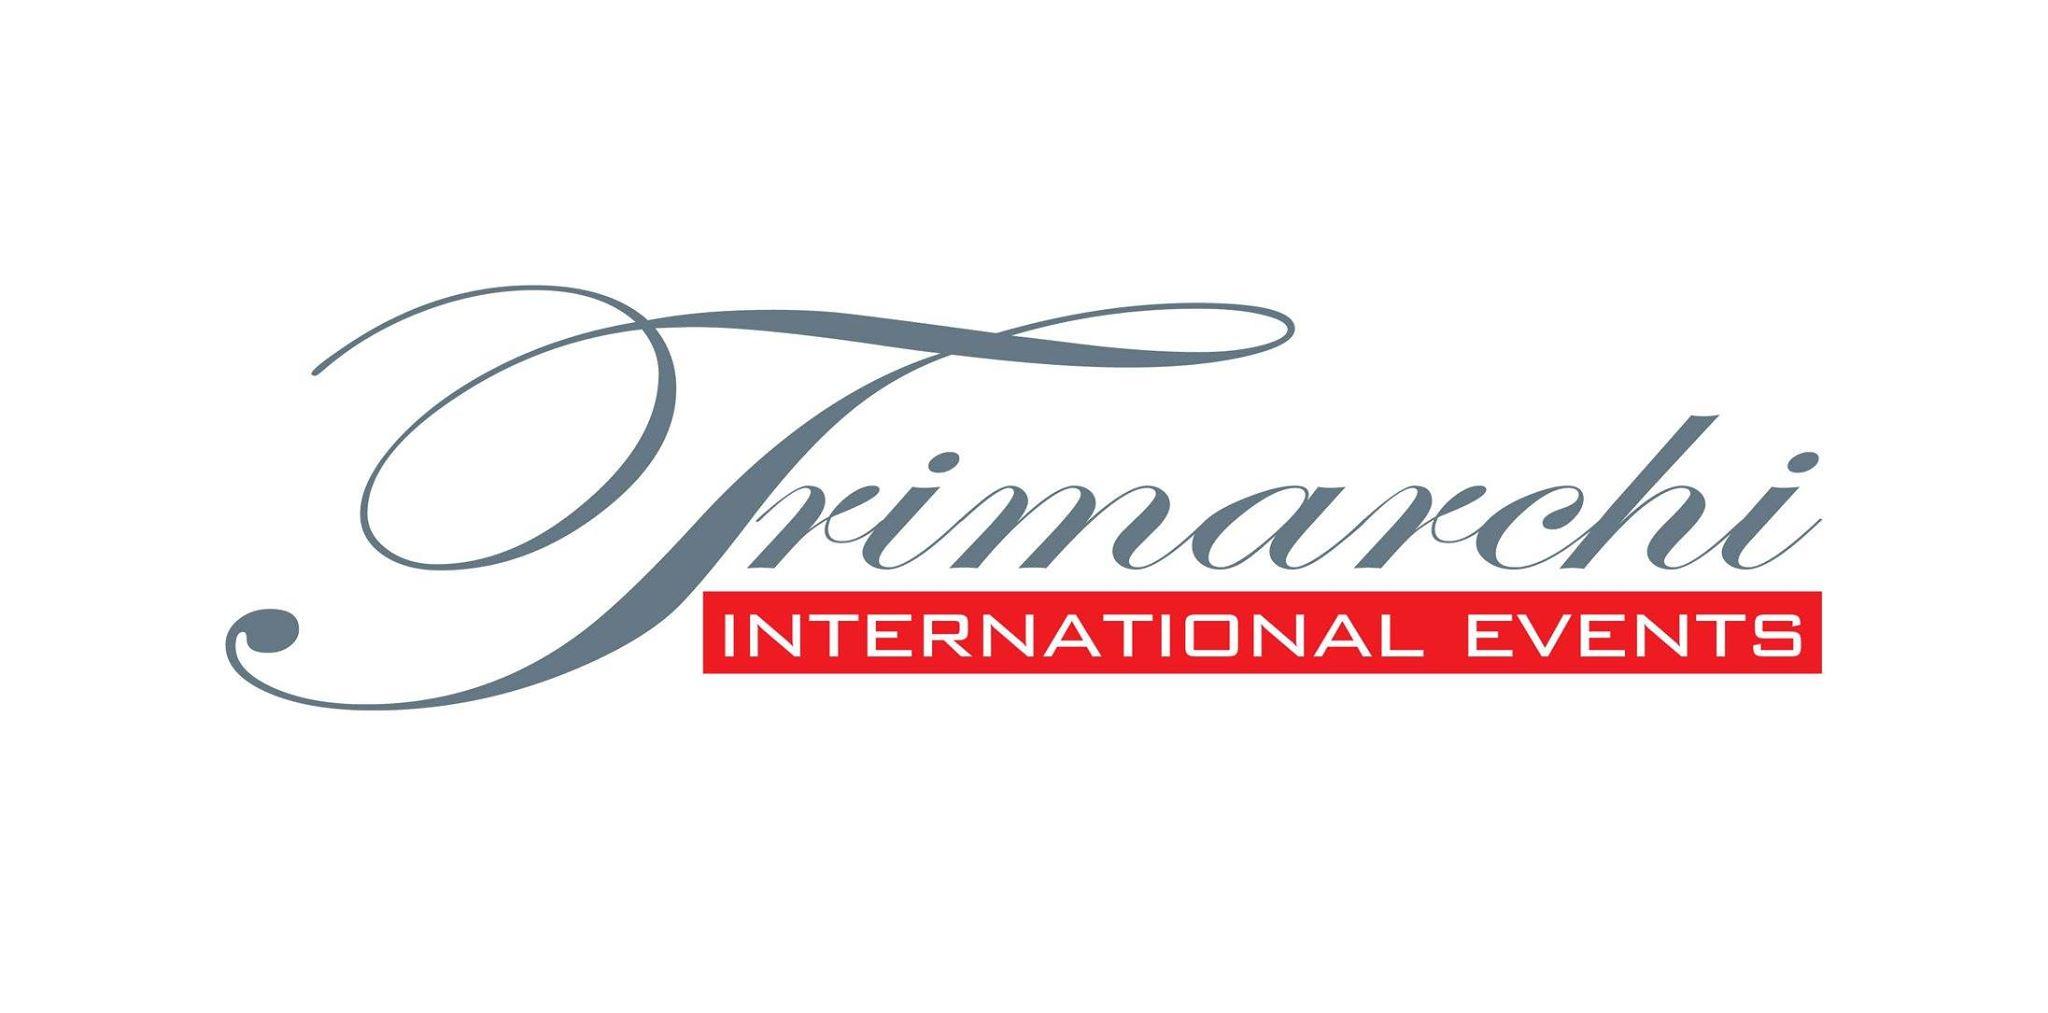 Contatti per l'estero: Trimarchi International Events